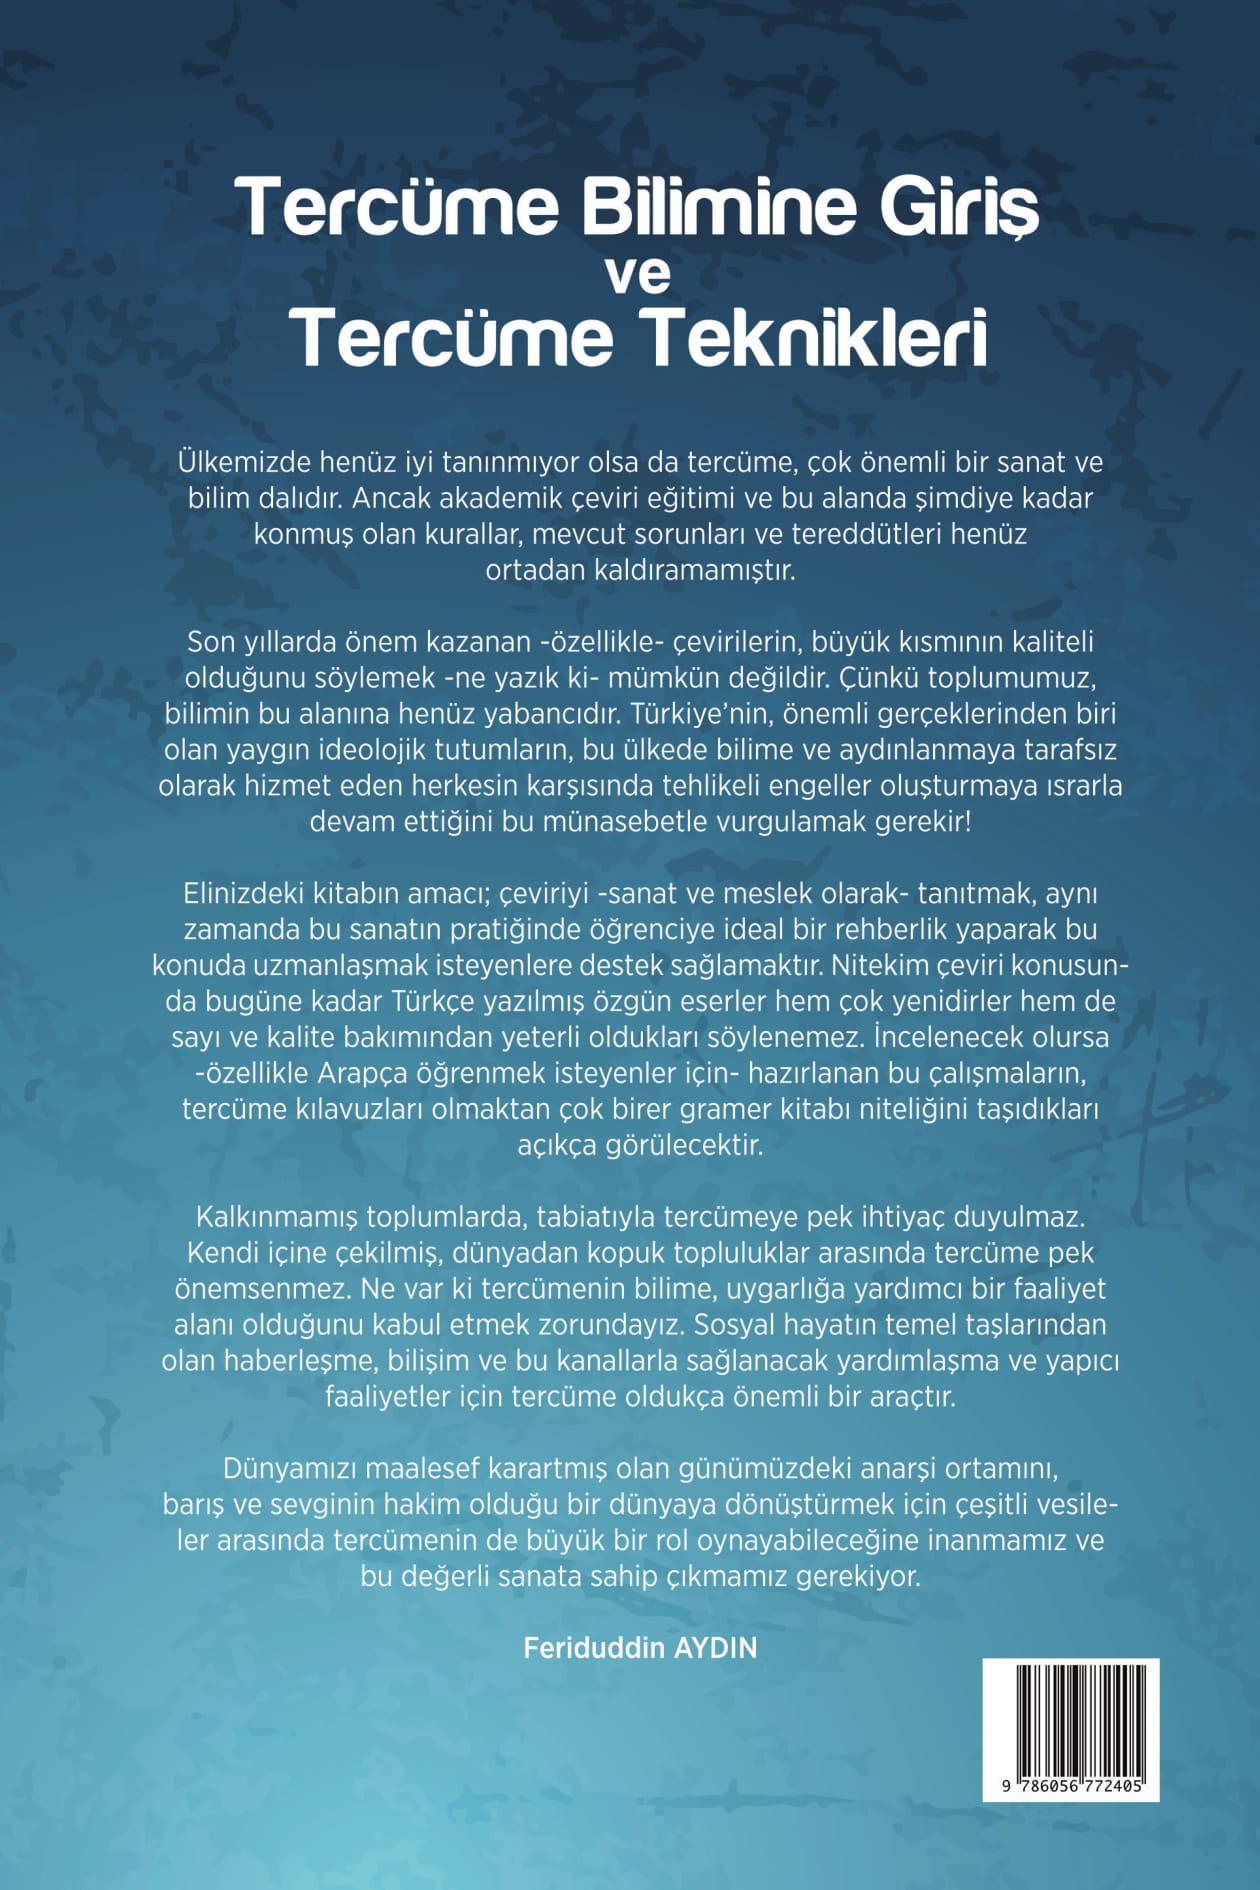 Tercüme Bilimine Giriş ve Tercüme Teknikleri